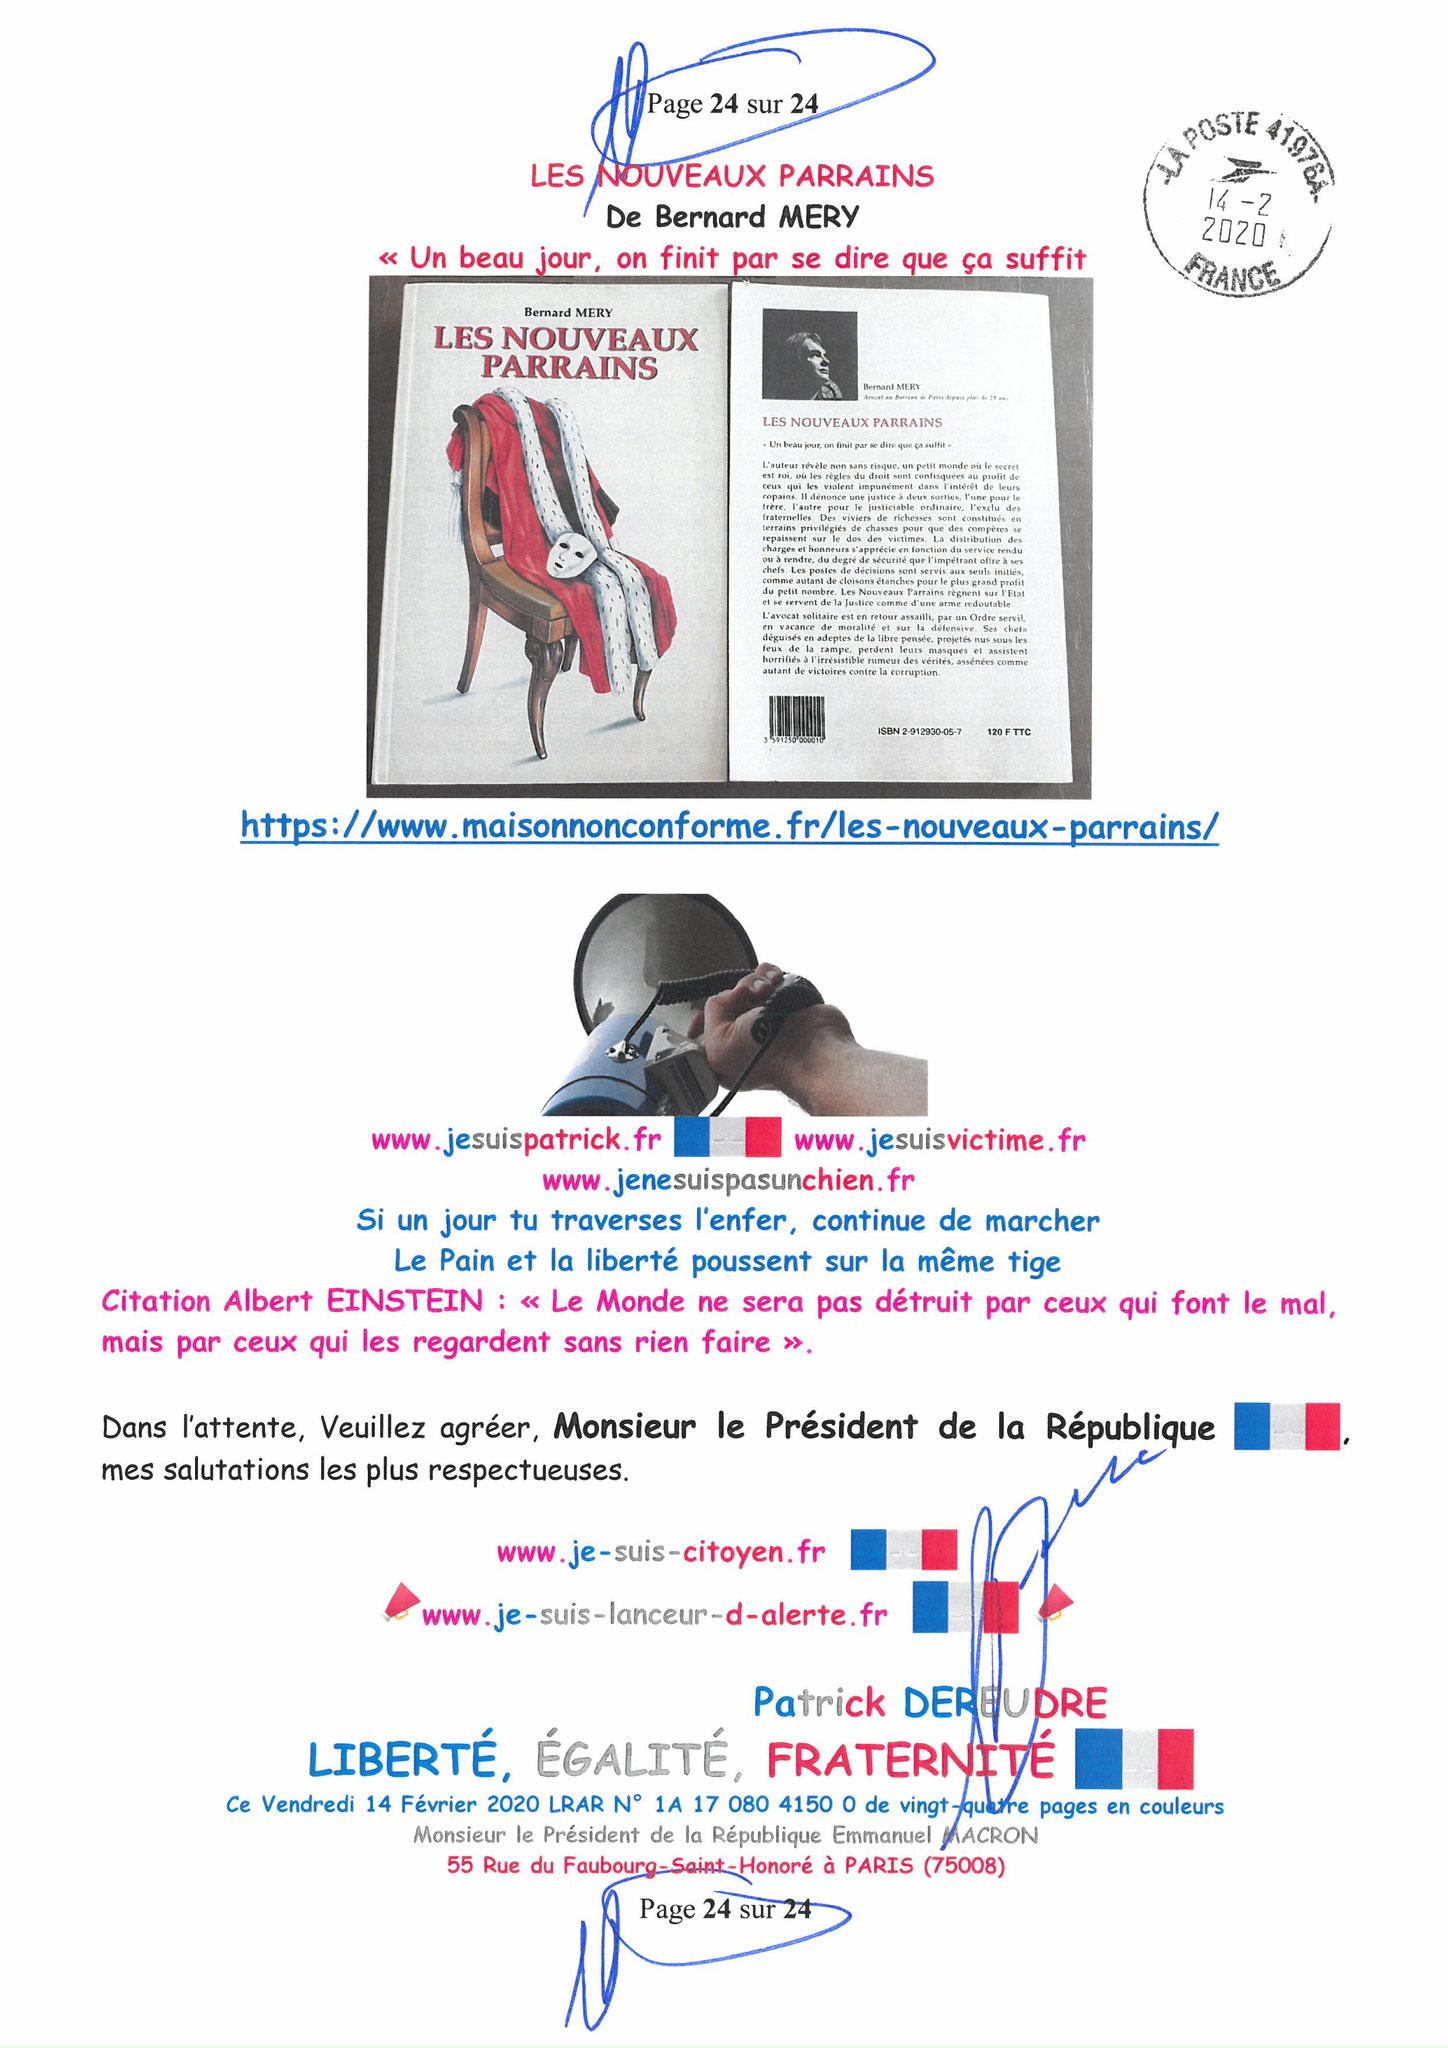 Ma lettre recommandée du 14 Février 2020 N° 1A 178 082 4150 0  page 24 sur 24 en couleur que j'ai adressé à Monsieur Emmanuel MACRON le Président de la République www.jesuispatrick.fr www.jesuisvictime.fr www.alerte-rouge-france.fr